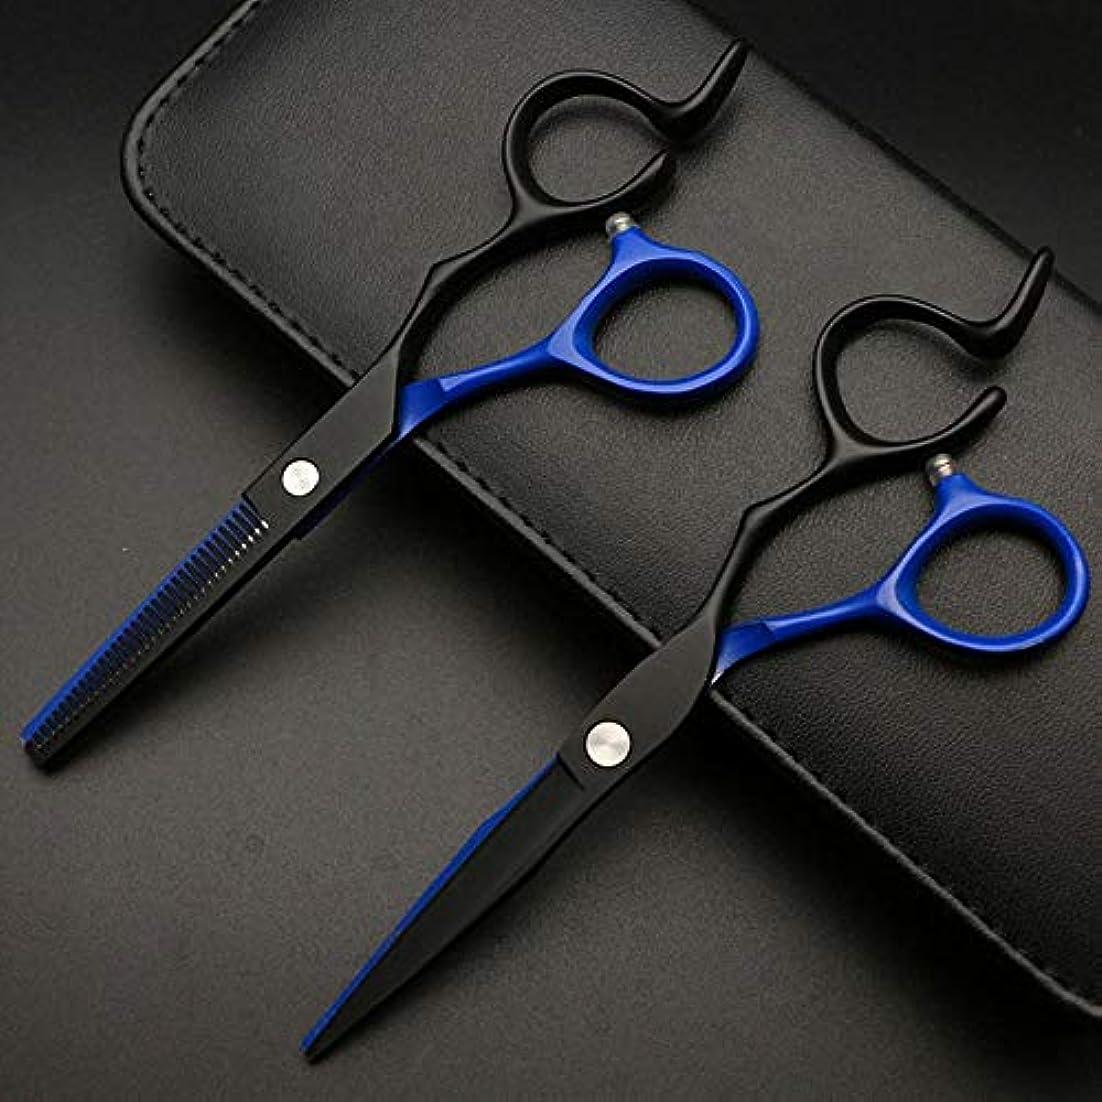 テキスト感染するコンプライアンスWASAIO 理髪はさみは、サプリメント薄毛カービングシアーズキットプロフェッショナル理容サロンレイザーエッジツールを組み合わせ5.5インチに設定しトリミング (色 : Black blue)